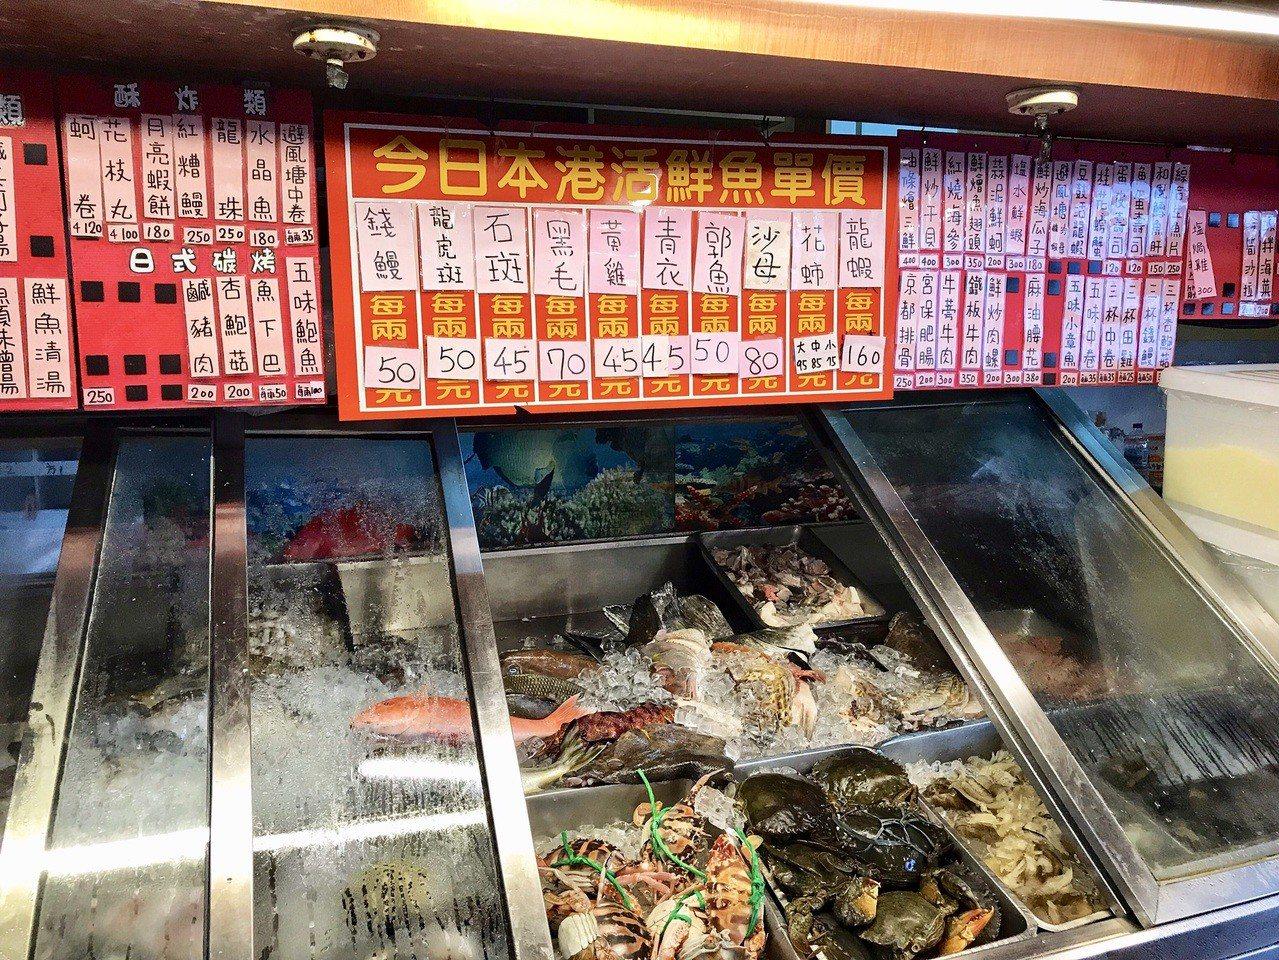 萬里龜吼漁港東坡3號船長林國松說,目前市價龍蝦1兩160元,蝦蛄拍仔不常有,1兩...